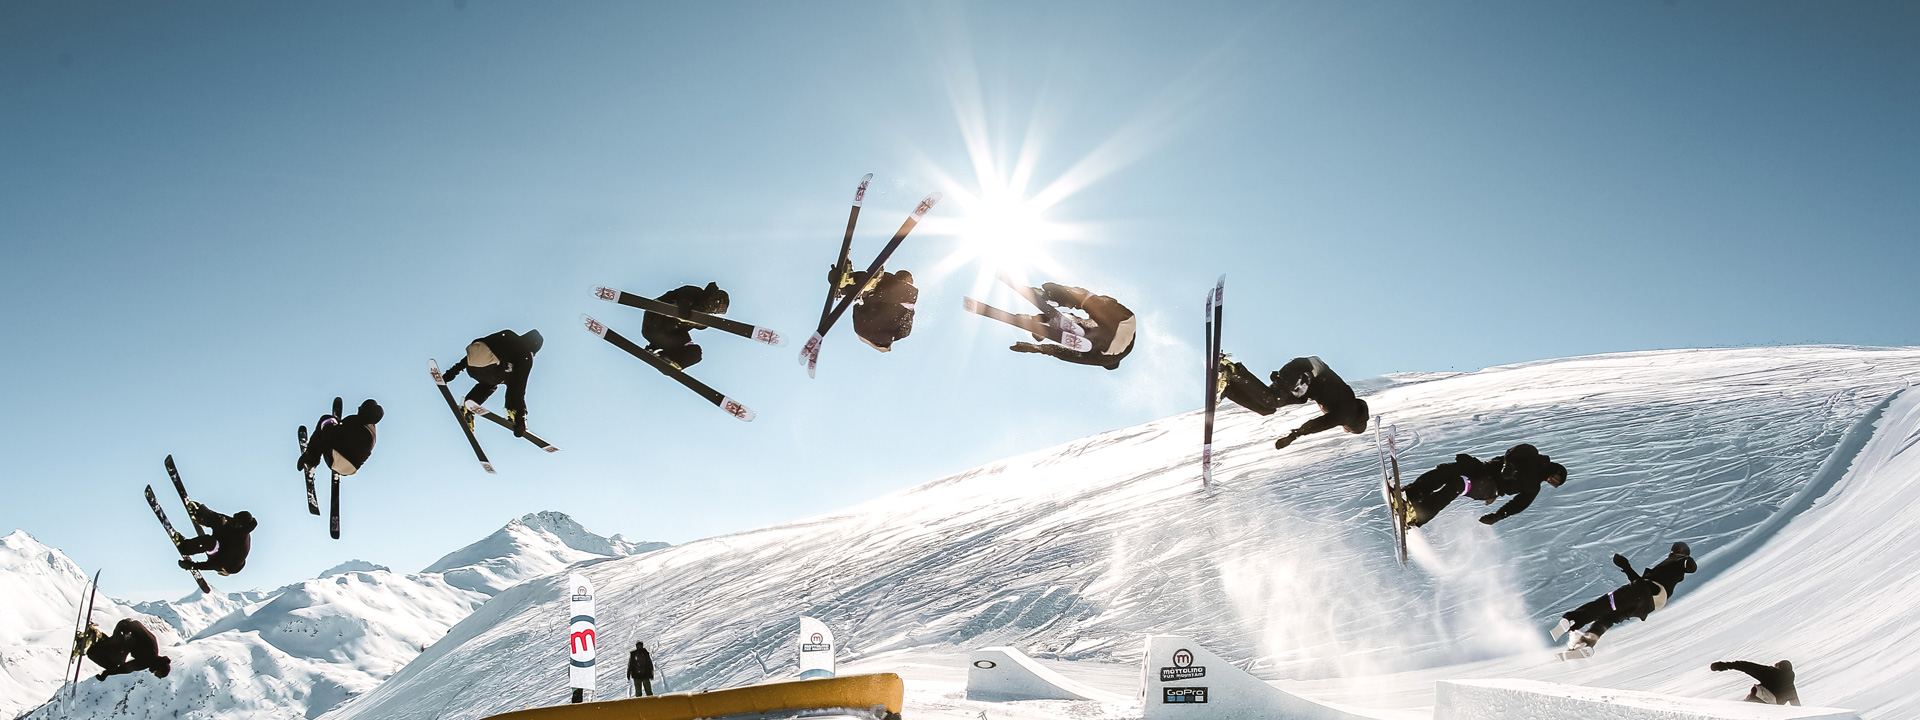 Salto in sequenza allo snowpark del Mottolino a Livigno